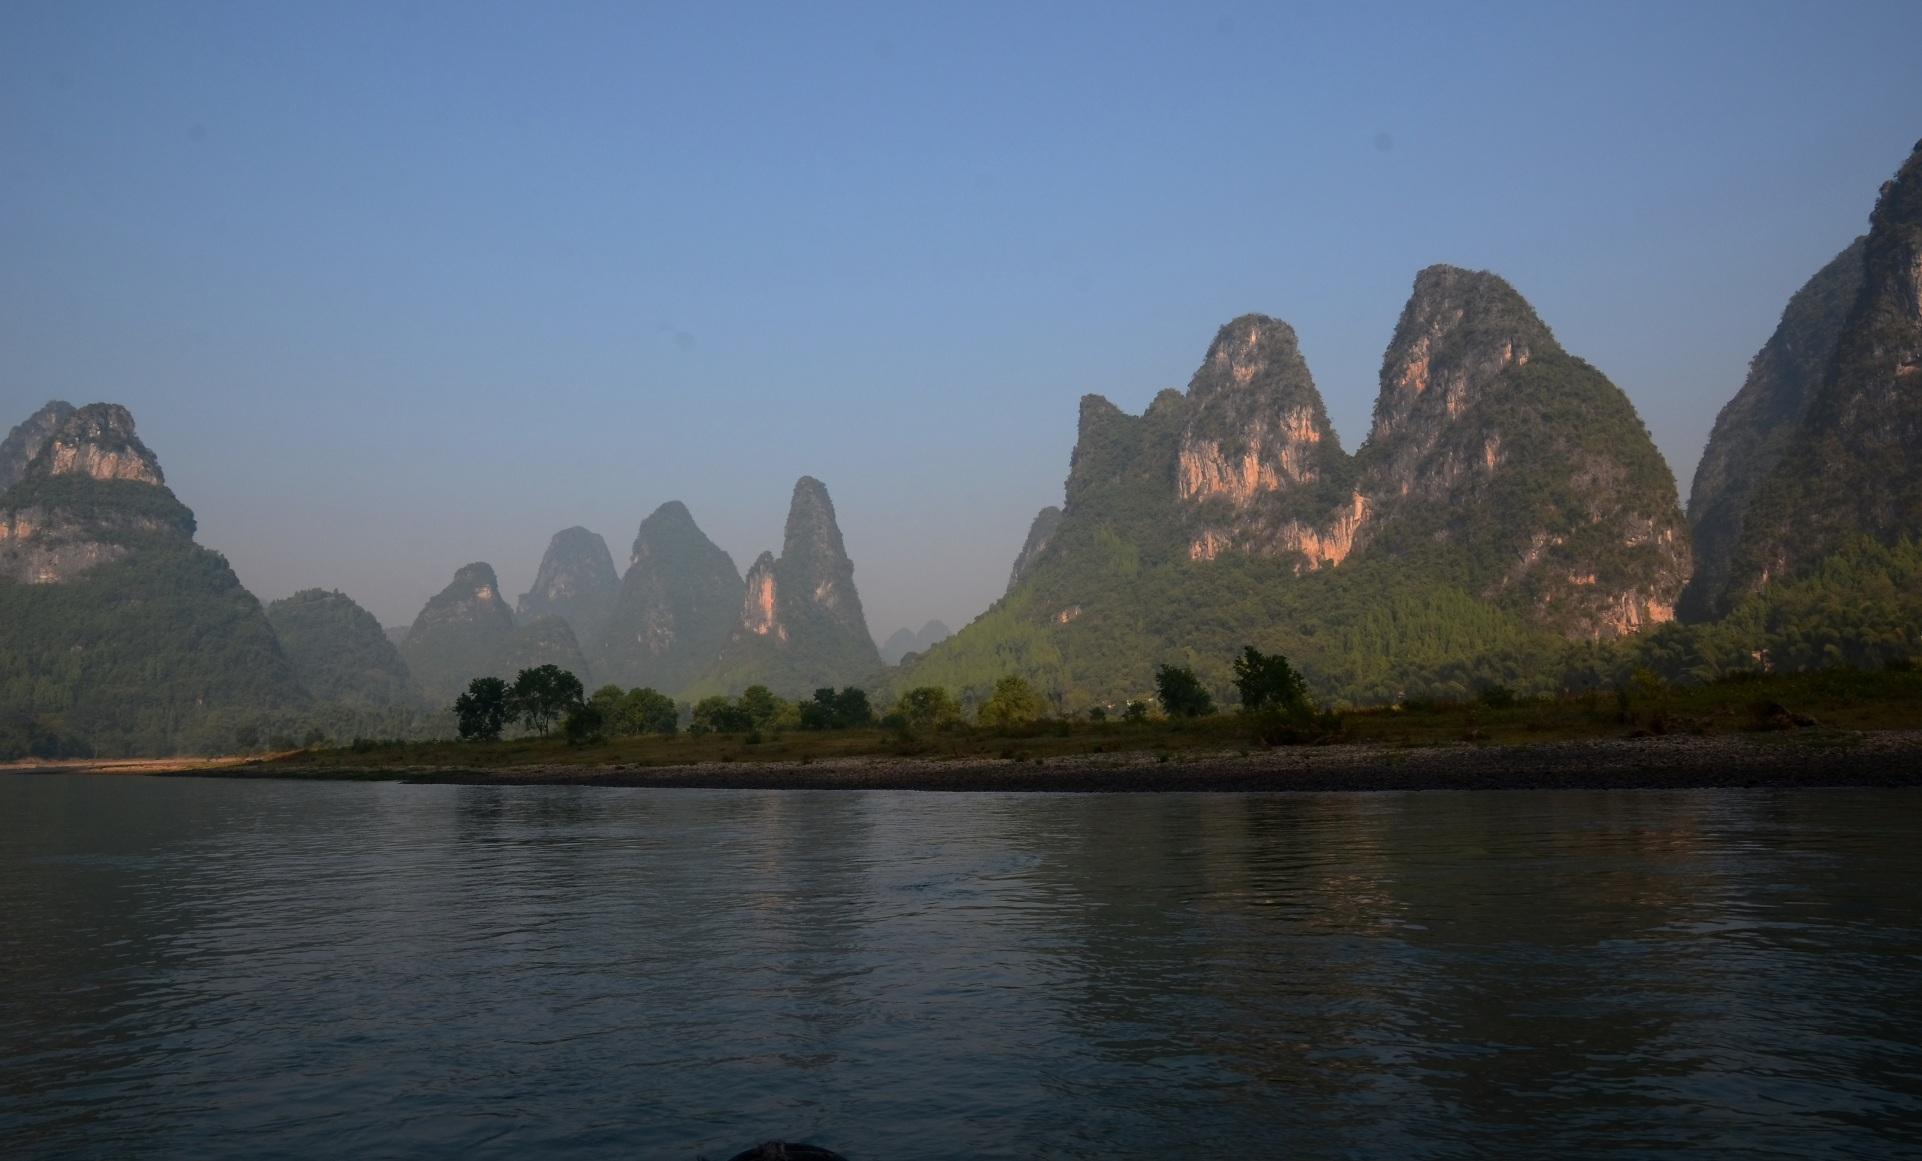 蓝桥摄影作品:漓江